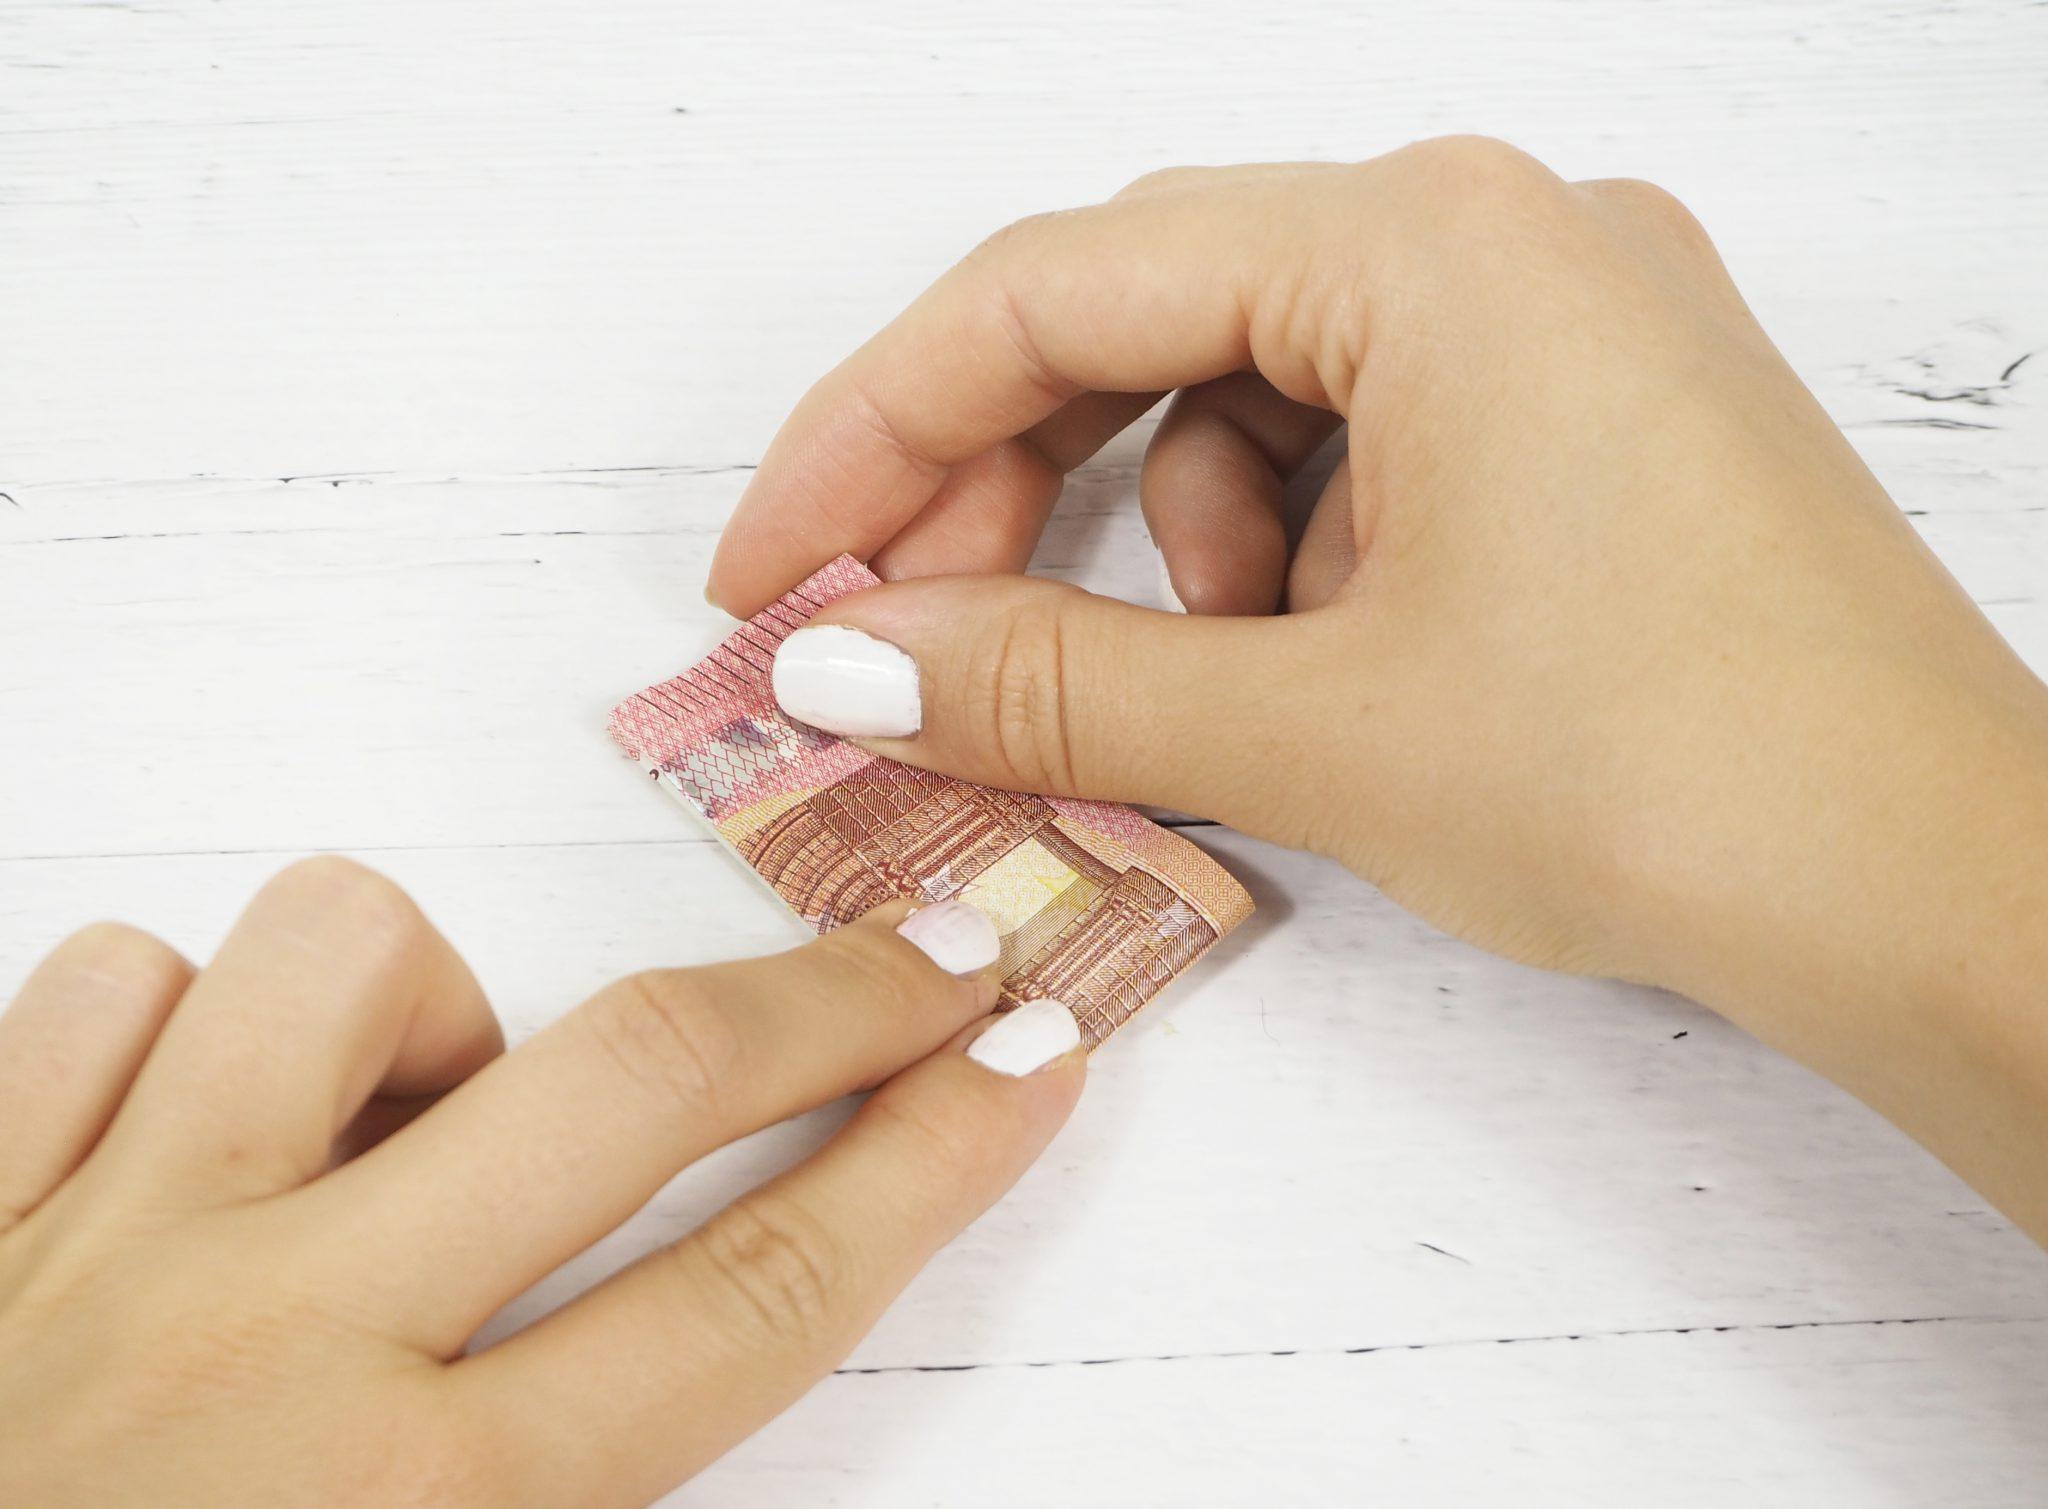 P8080440bearb - Geldgeschenk basteln: So faltest Du Herzen aus Geldscheinen